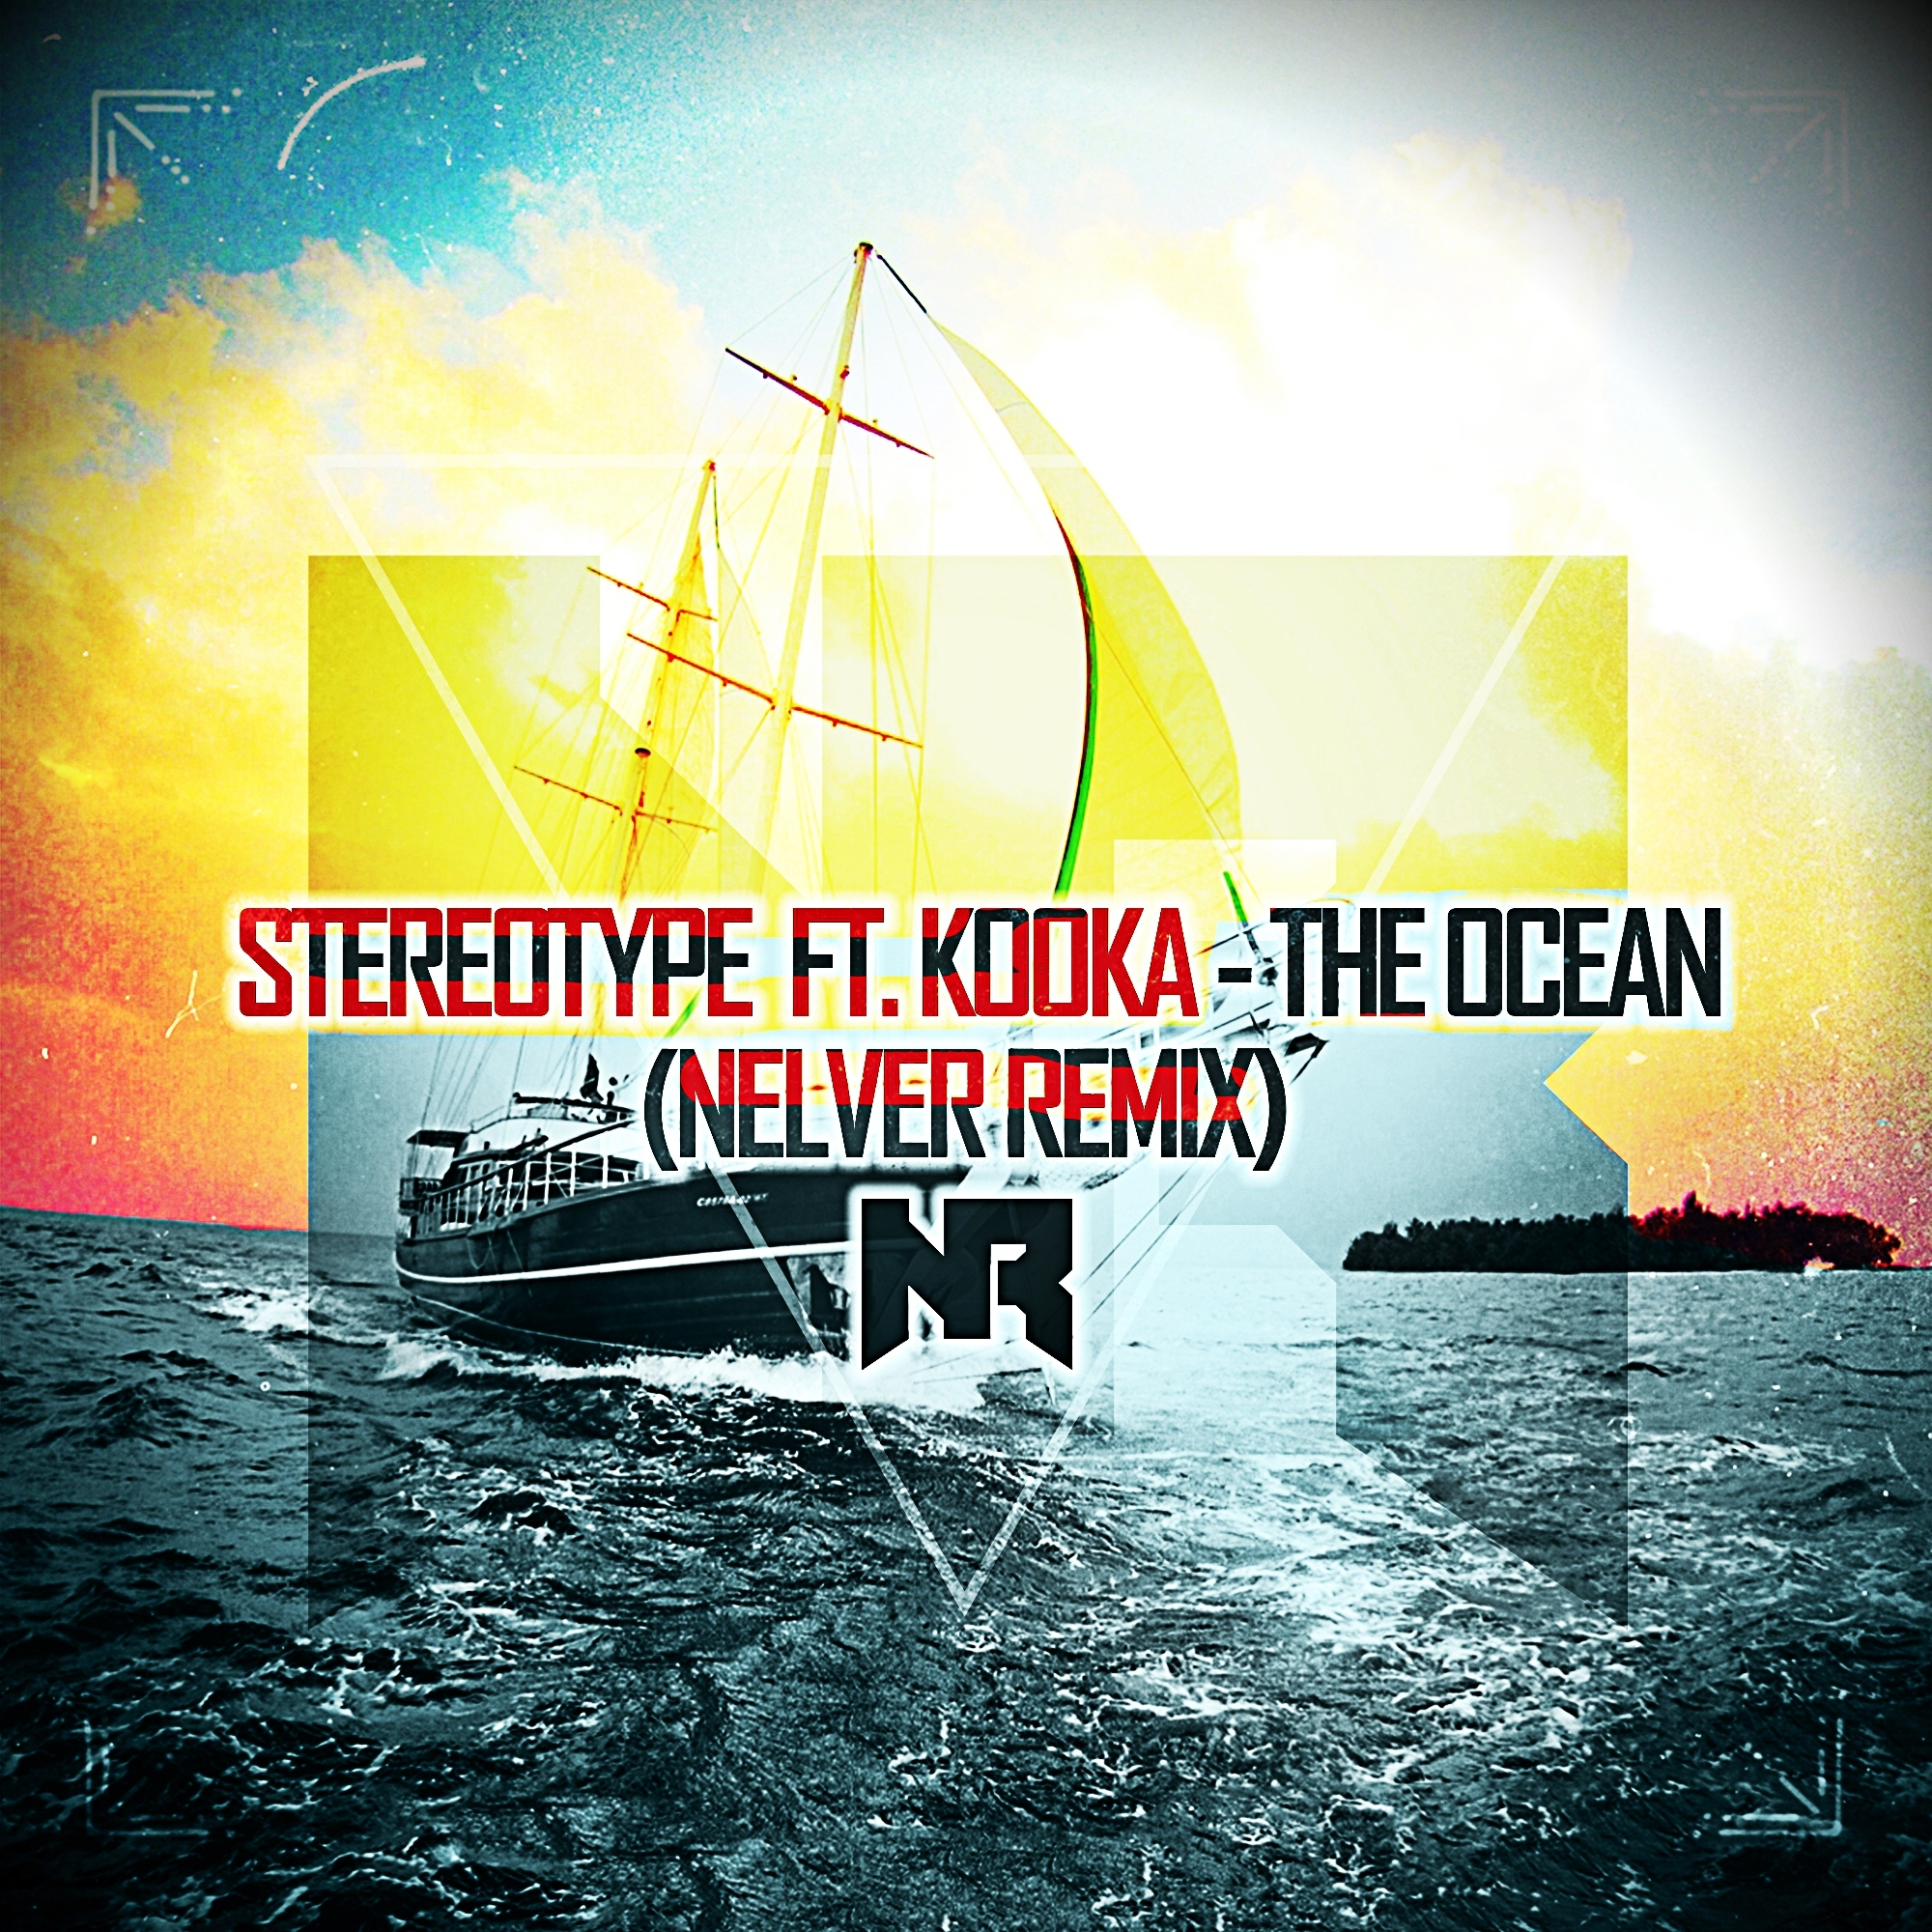 Stereotype feat. Kooka - The Ocean (Nelver Remix)